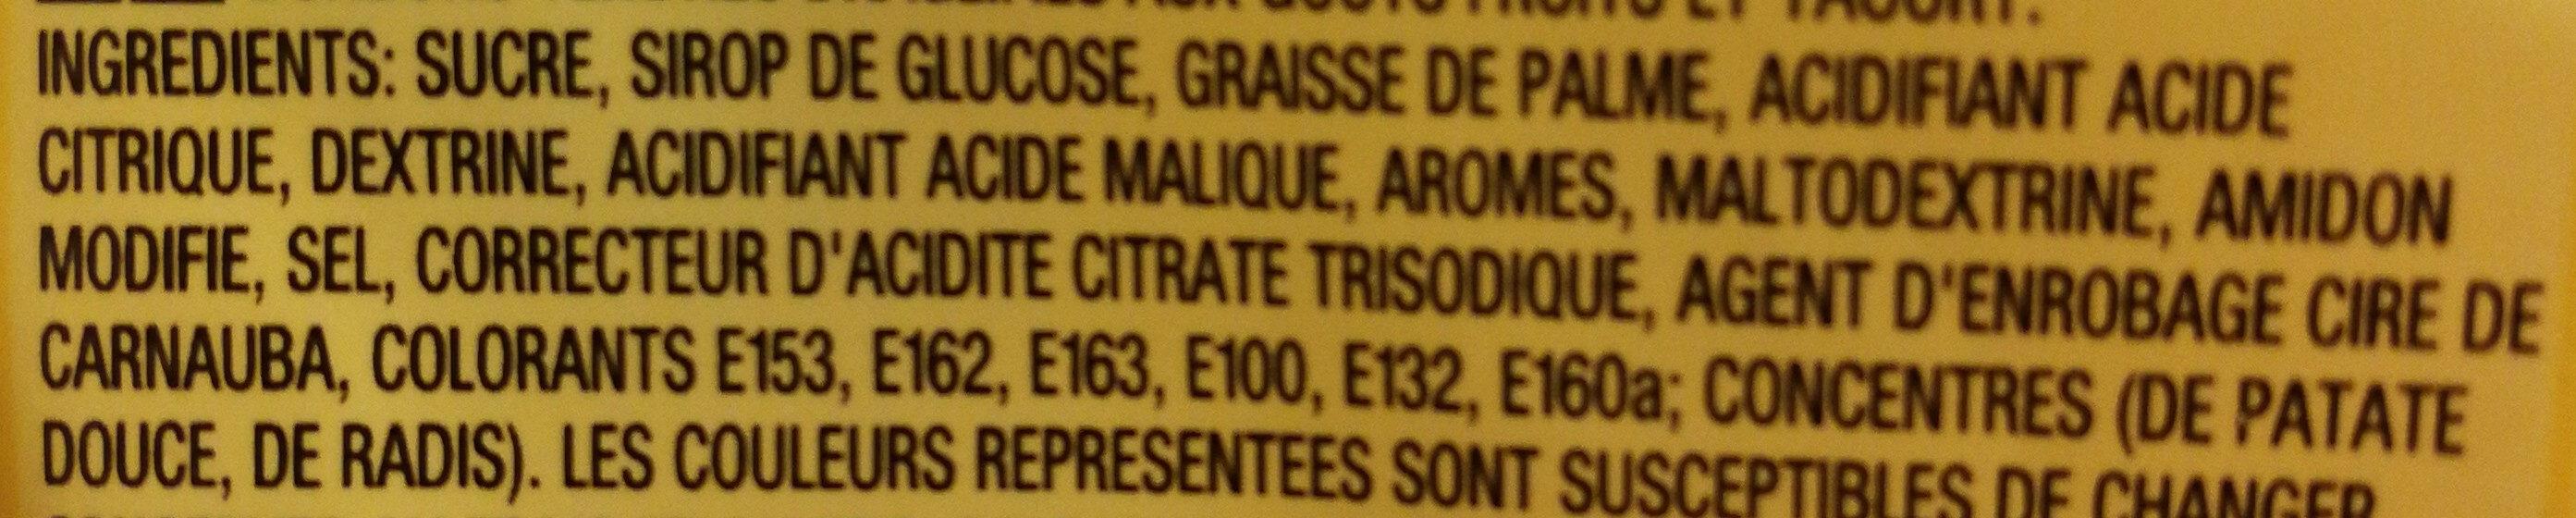 Skittles Smoothies - Ingredients - fr